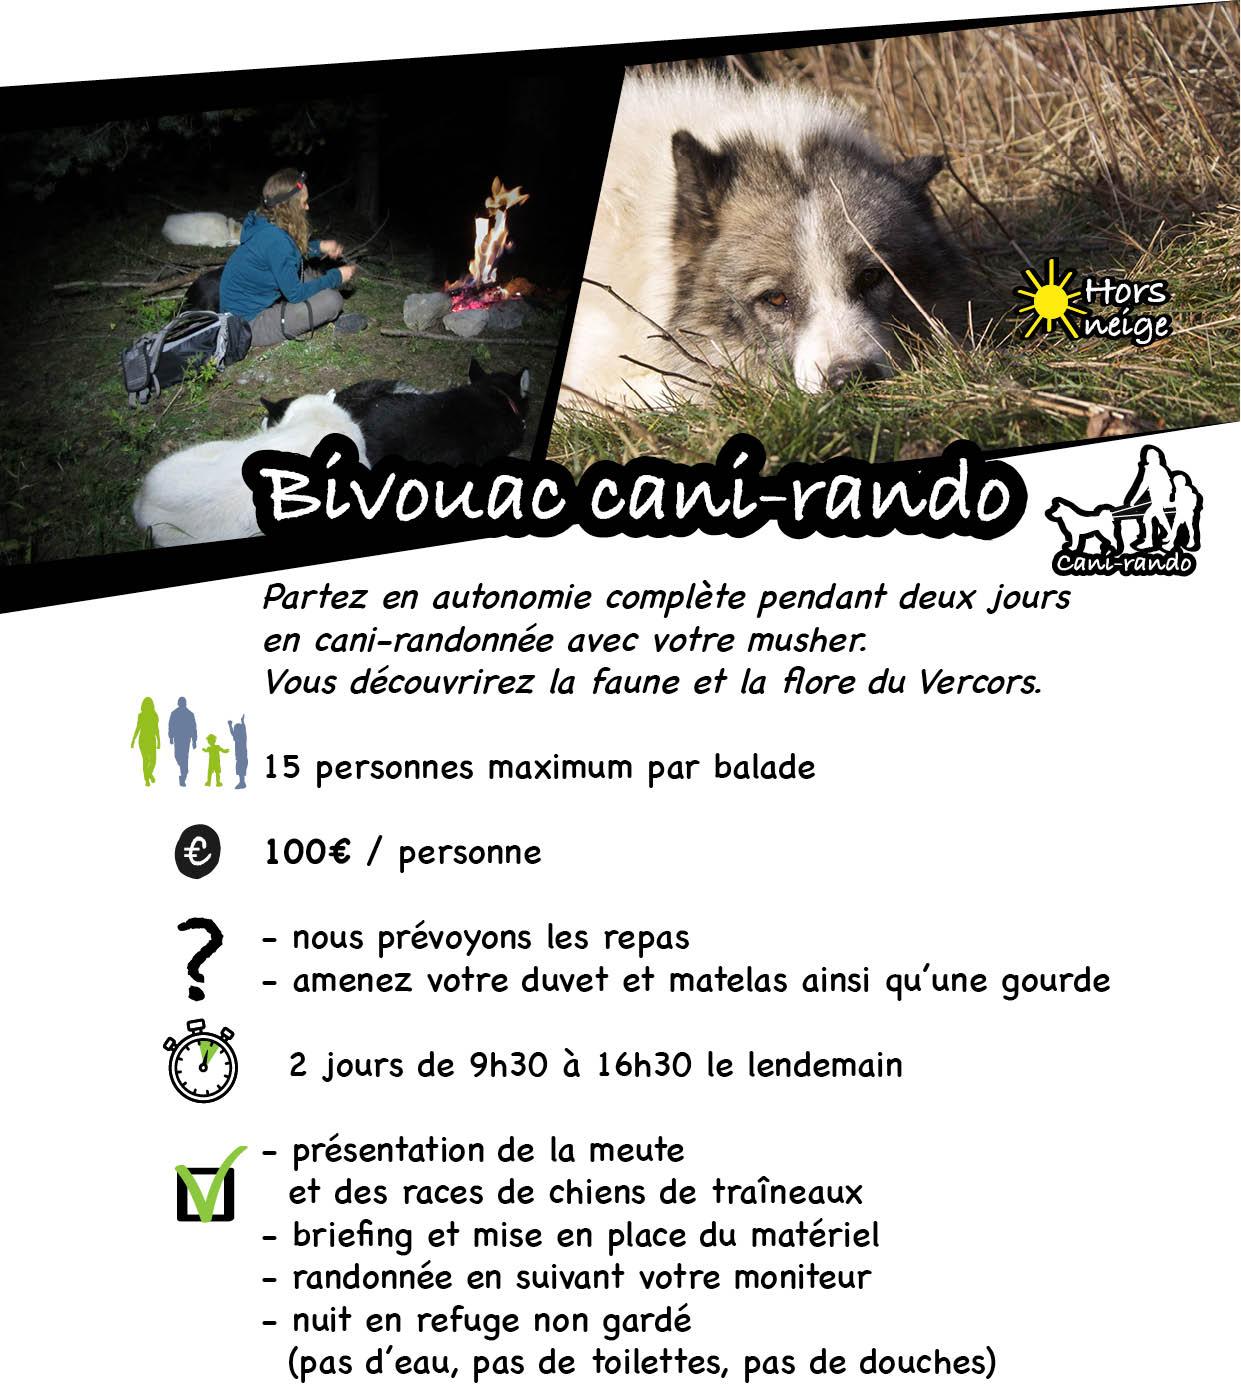 2 jours de randonnée avec chiens de traineau dans le vercors